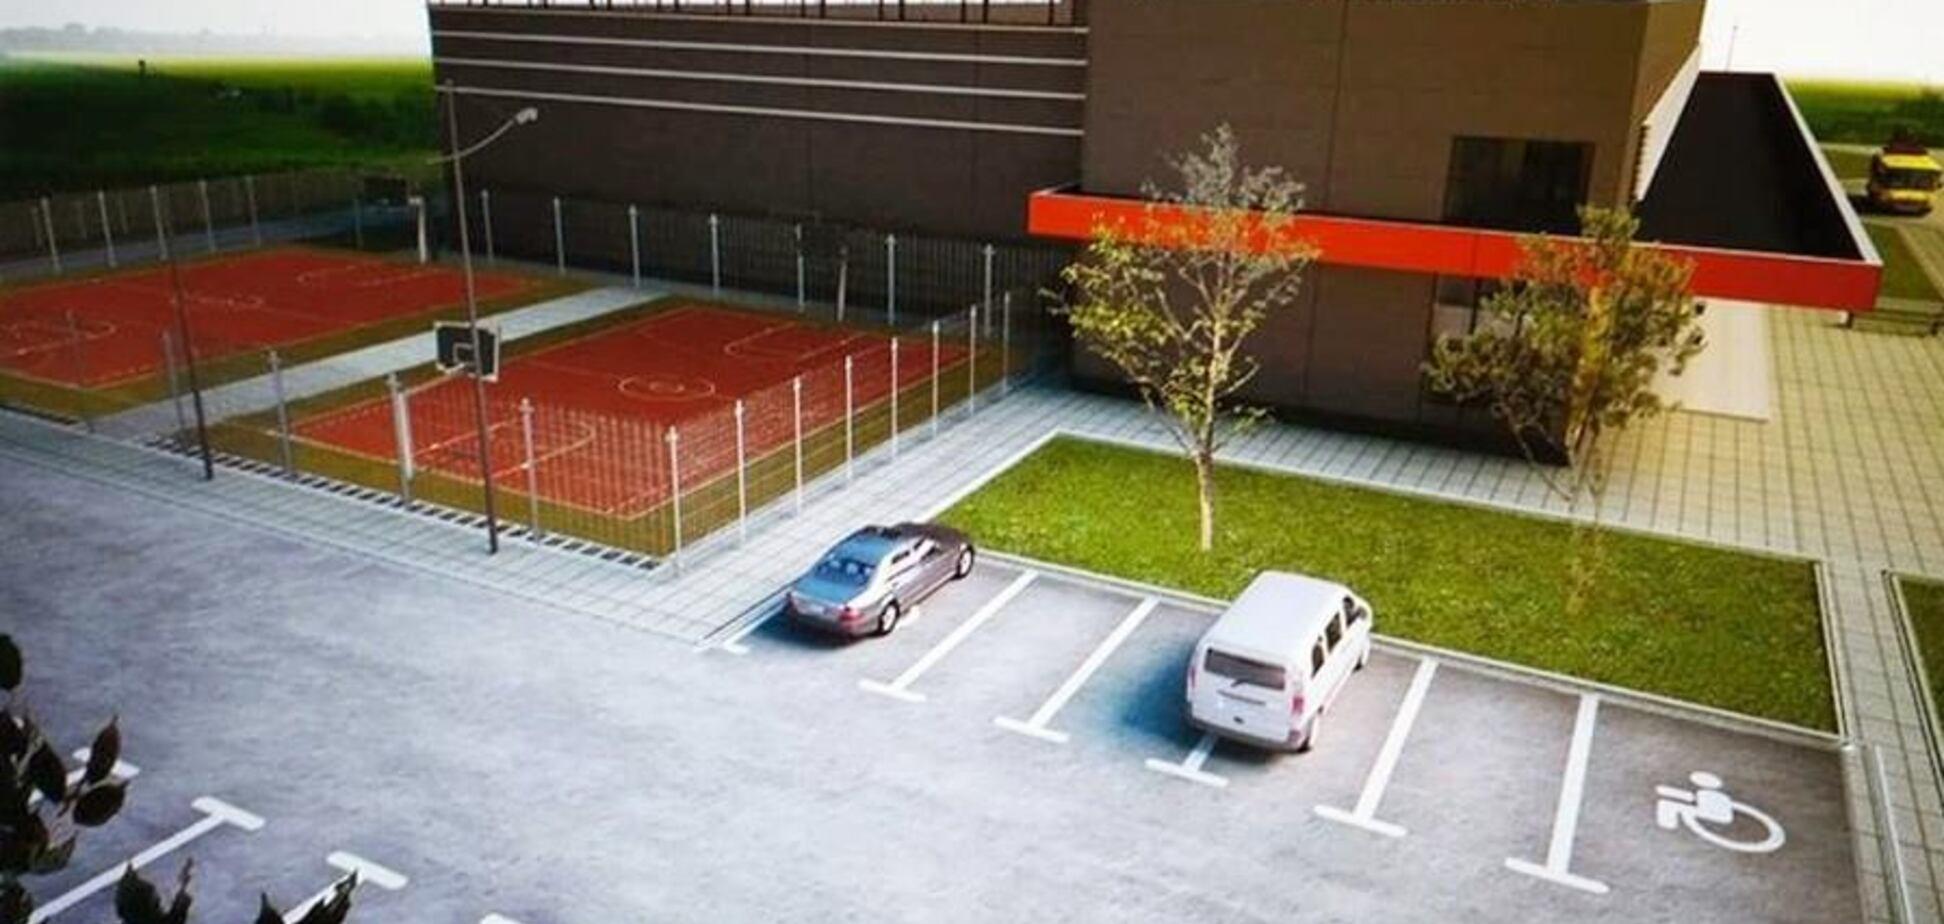 Импичмент мэру: власть Черкасс саботирует строительство спортивной арены